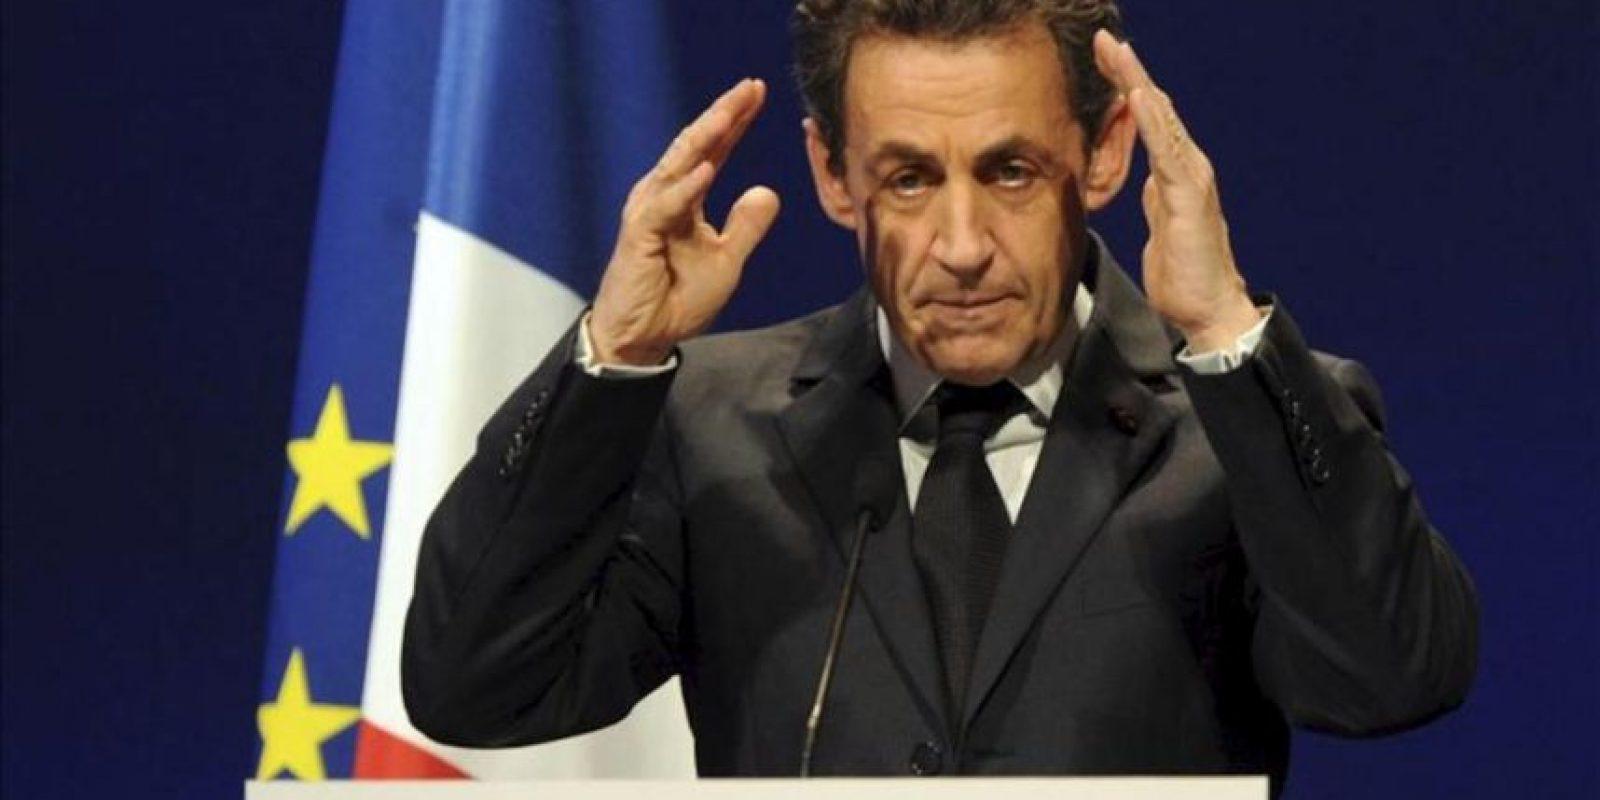 """El primer ministro francés, Nicolás Sarkozy, participa en su primer acto de campaña desde que el pasado lunes se cancelaran temporalmente todas las actividades relacionadas con los comicios de abril y mayo próximos, tras la matanza de Toulouse, en Estrasburgo, Francia, hoy, jueves 22 de marzo de 2012. Durante este acto, Sarkozy calificó de """"monstruo"""" y de """"fanático"""" a Mohamed Merah, el asesino confeso de Toulouse que hoy fue abatido en el operativo desplegado para capturarle. EFE"""